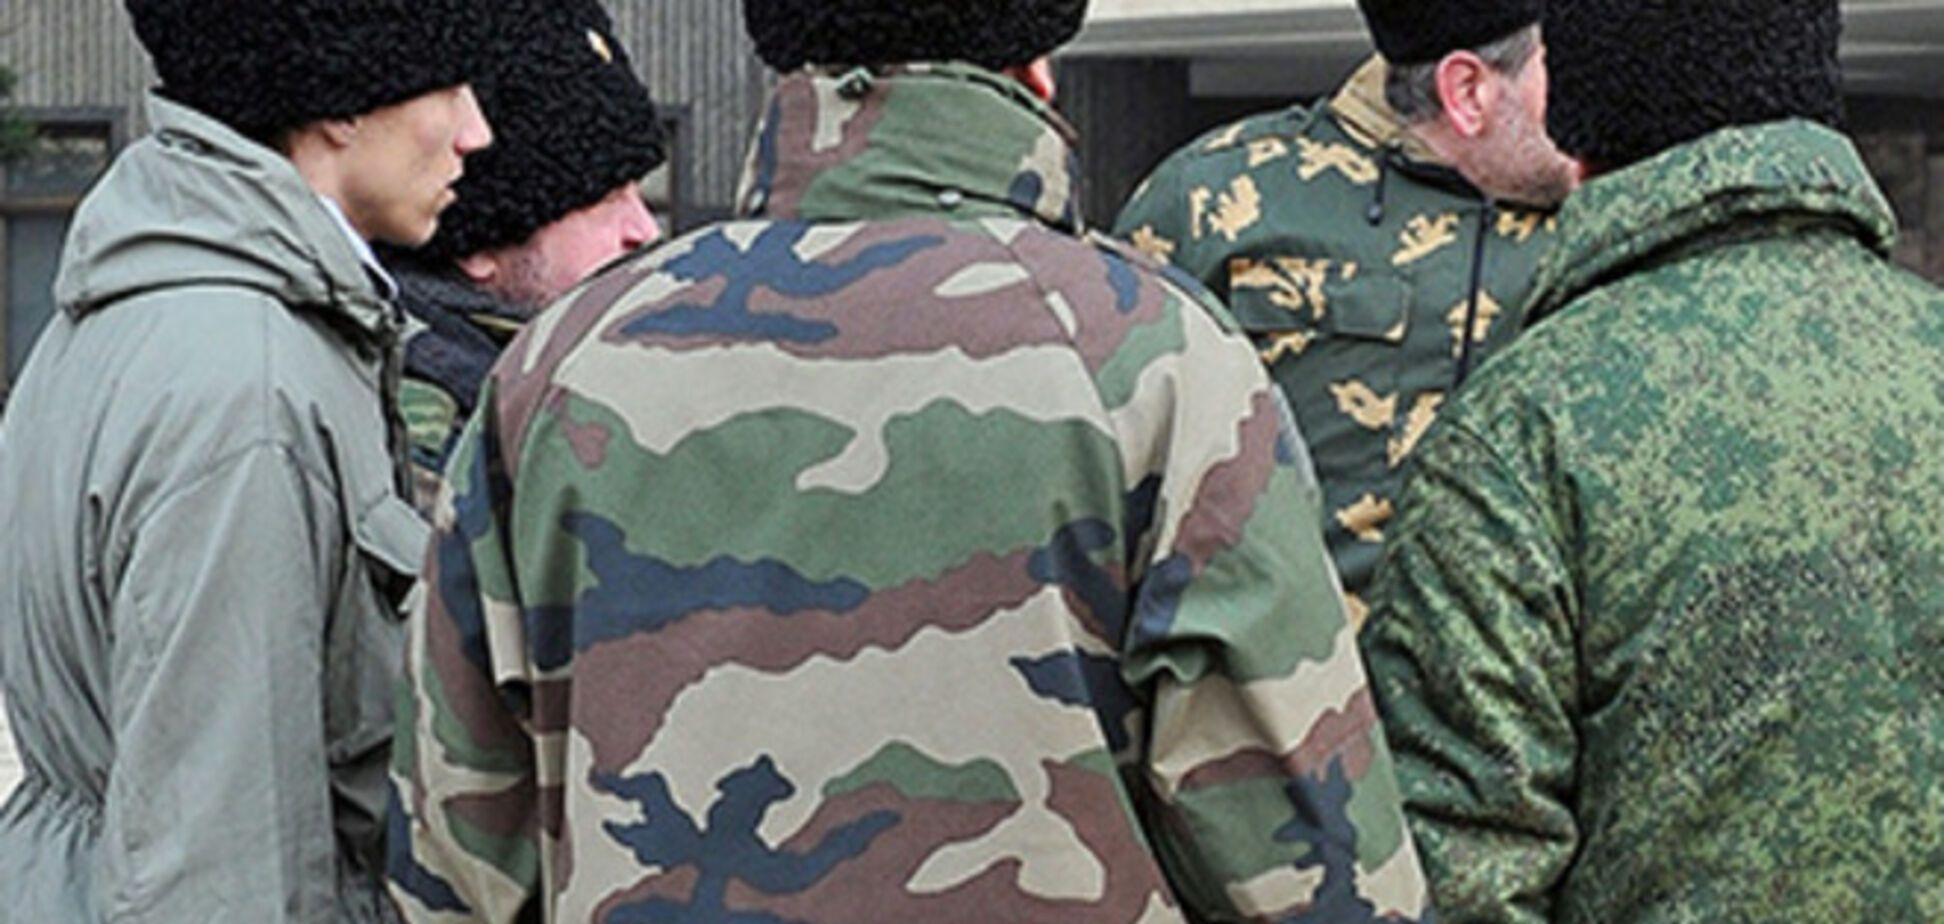 Разброд и шатания: луганские боевики не хотят гибнуть за россиян, а 'казаки' - подчиняться 'ЛНР'